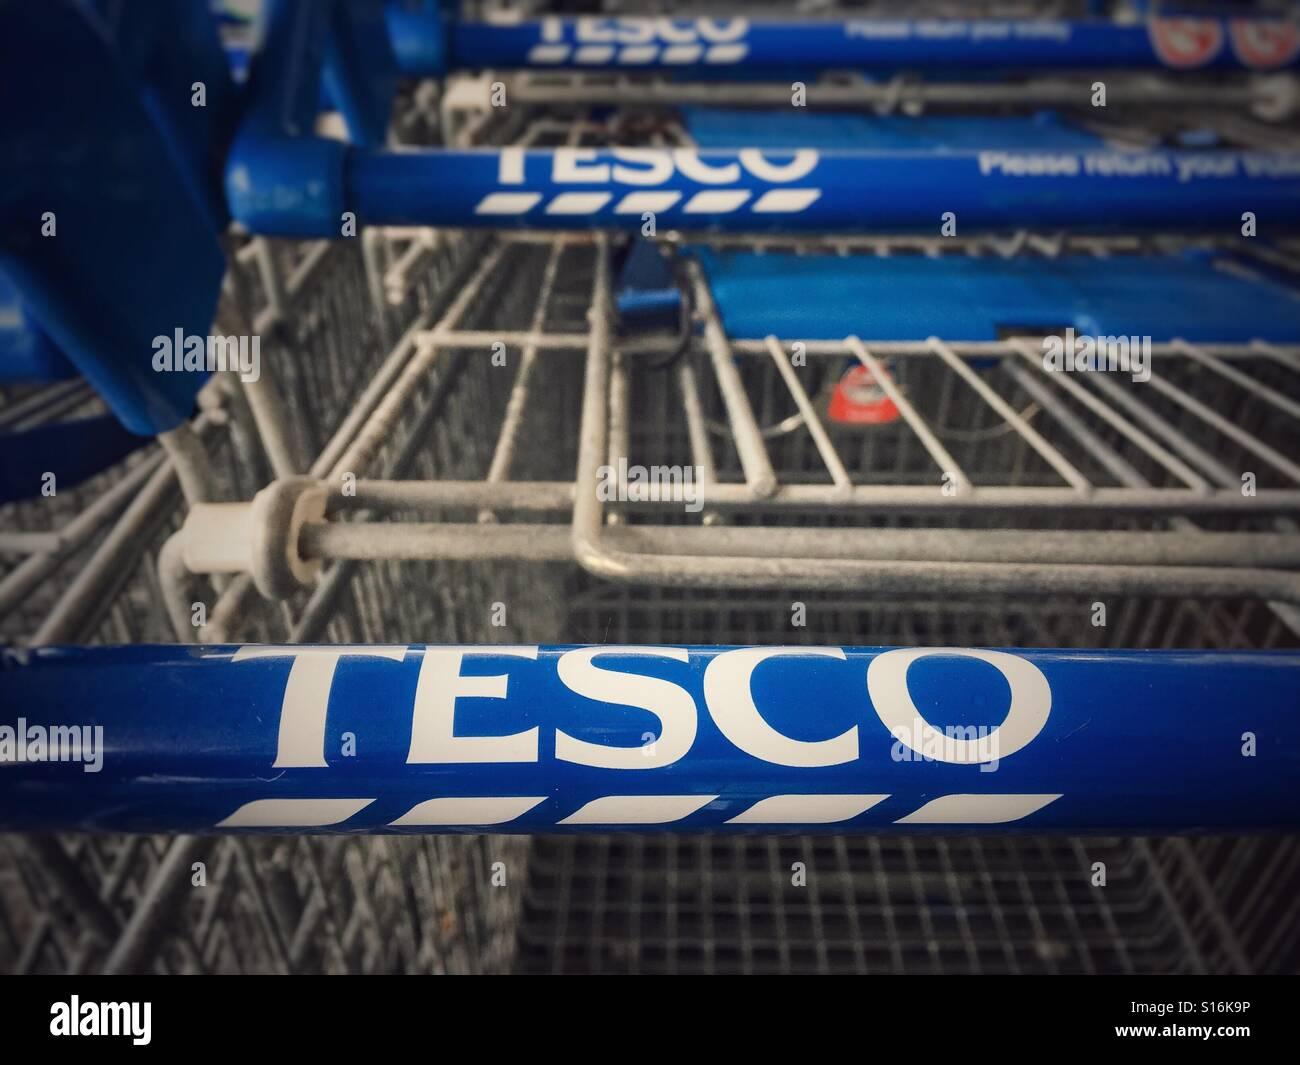 Una fila di supermercato Tesco, carrelli che mostra chiaramente il marchio Tesco nome sul carrello gestisce Immagini Stock